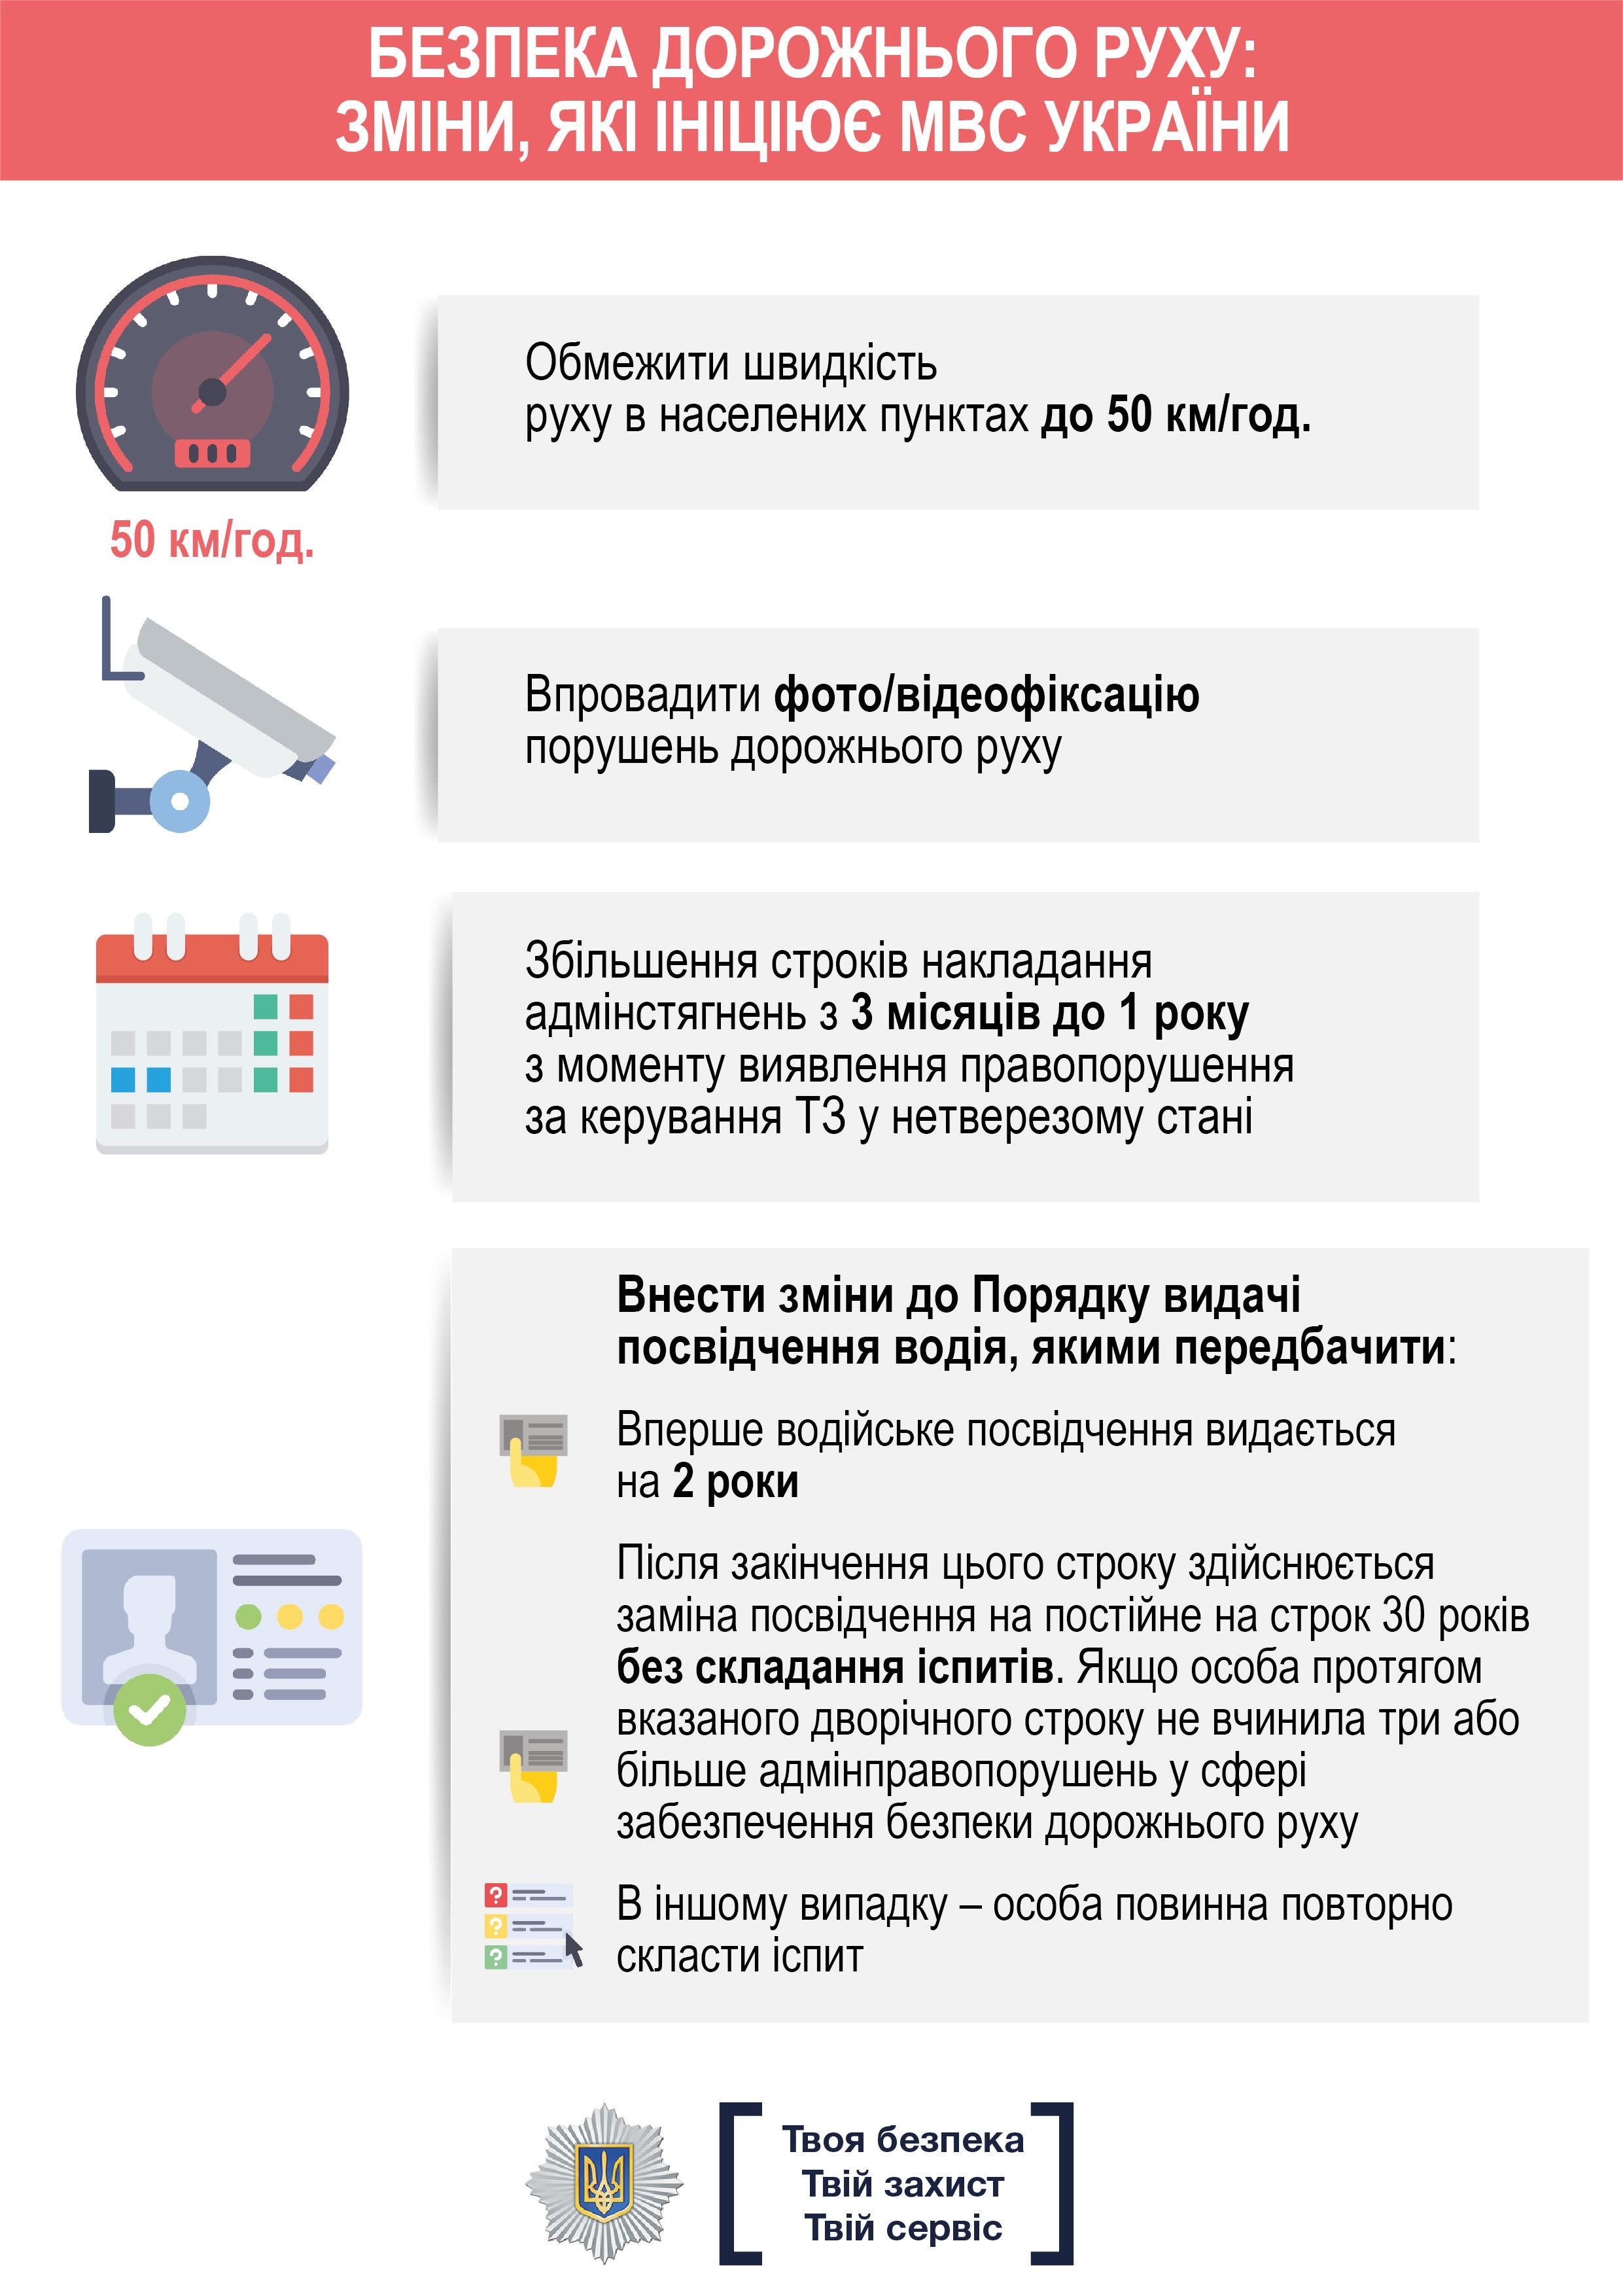 zik.ua Уряд затвердив посилення відповідальності для порушників правил  дорожнього руху - інфографіка de33649d221ec